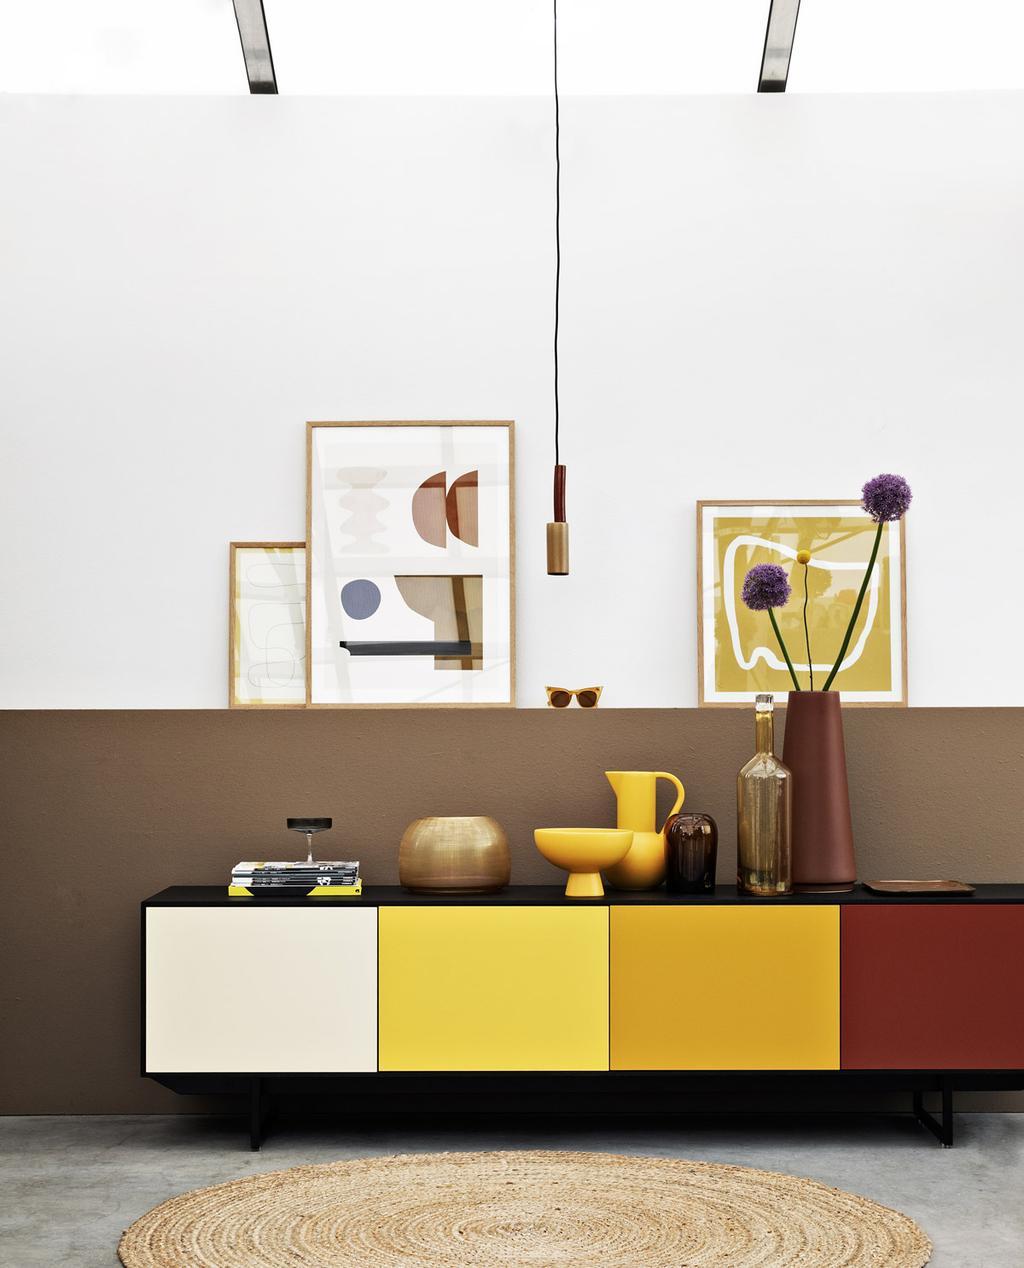 Met een geel interieur haal je eenvoudig de zomer in huis